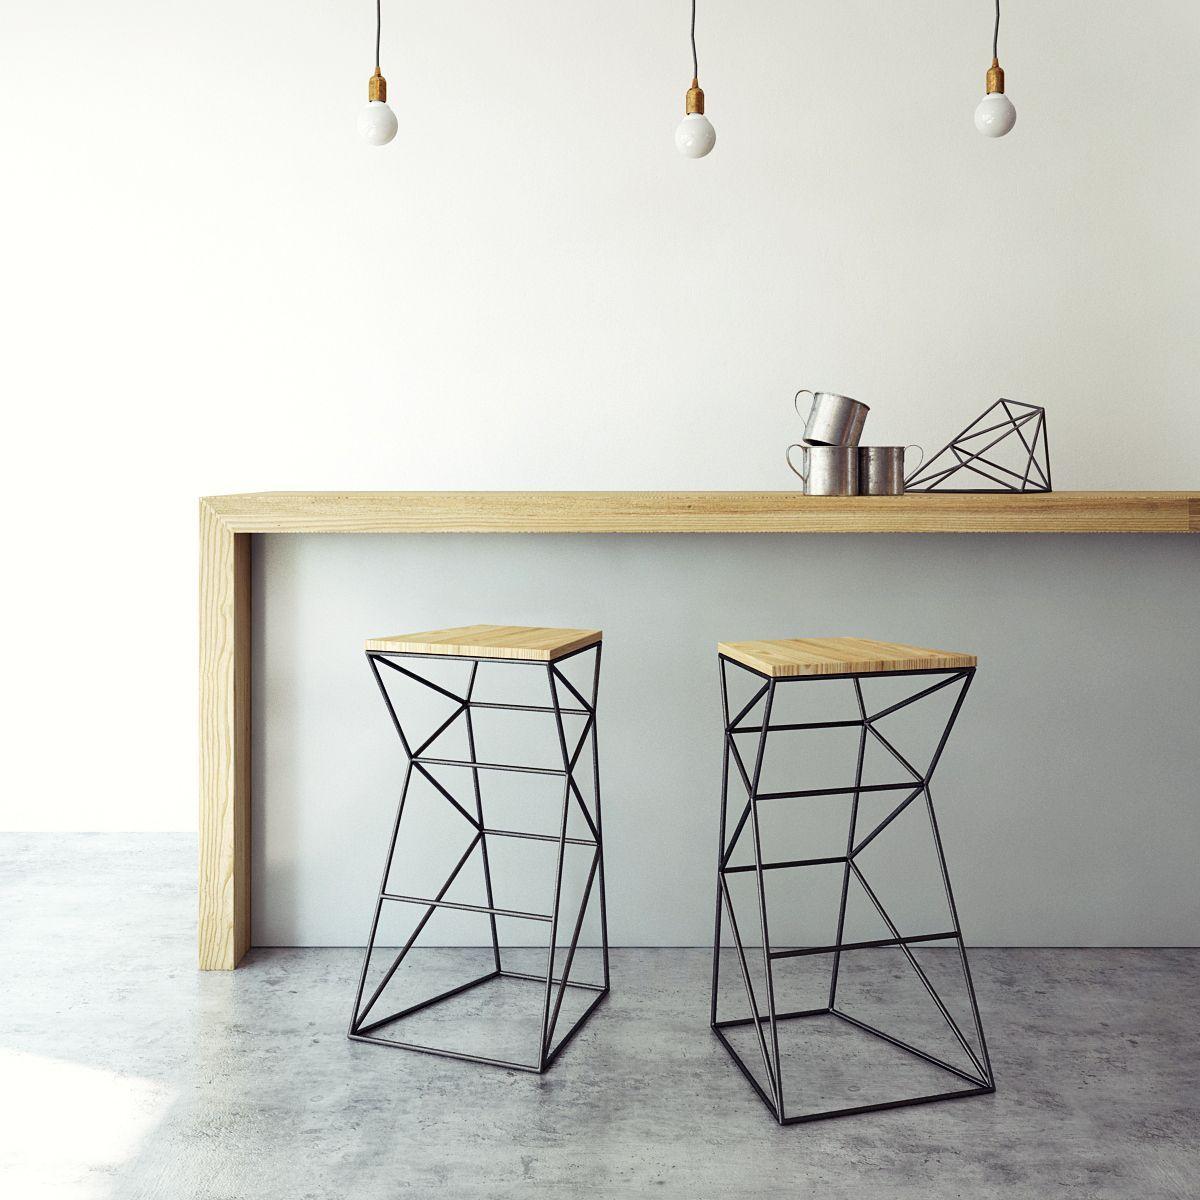 Chaises Hautes Bois Et Acier Noir High Chairs Wood And Black  # Muebles De Zoita